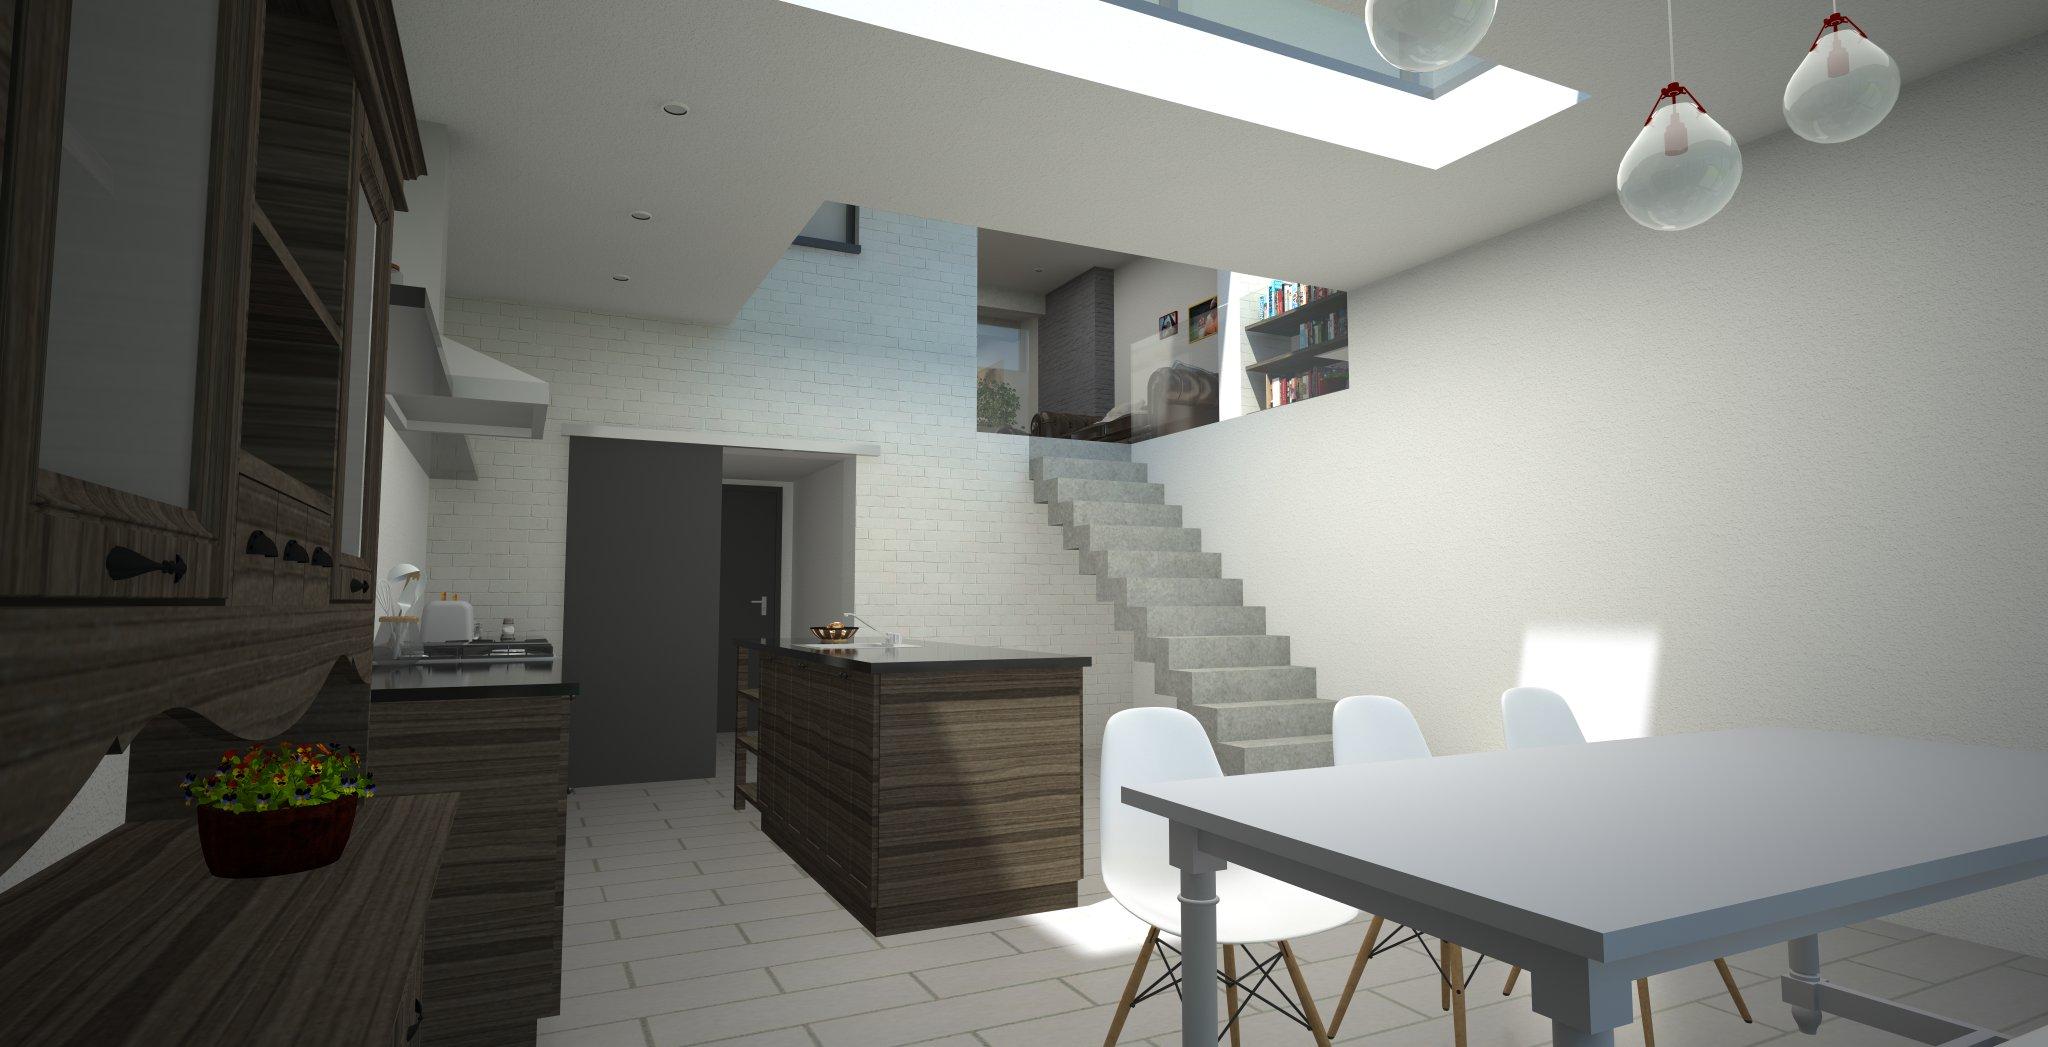 erbouwing bell etage zicht keuken en eetkamer met vide